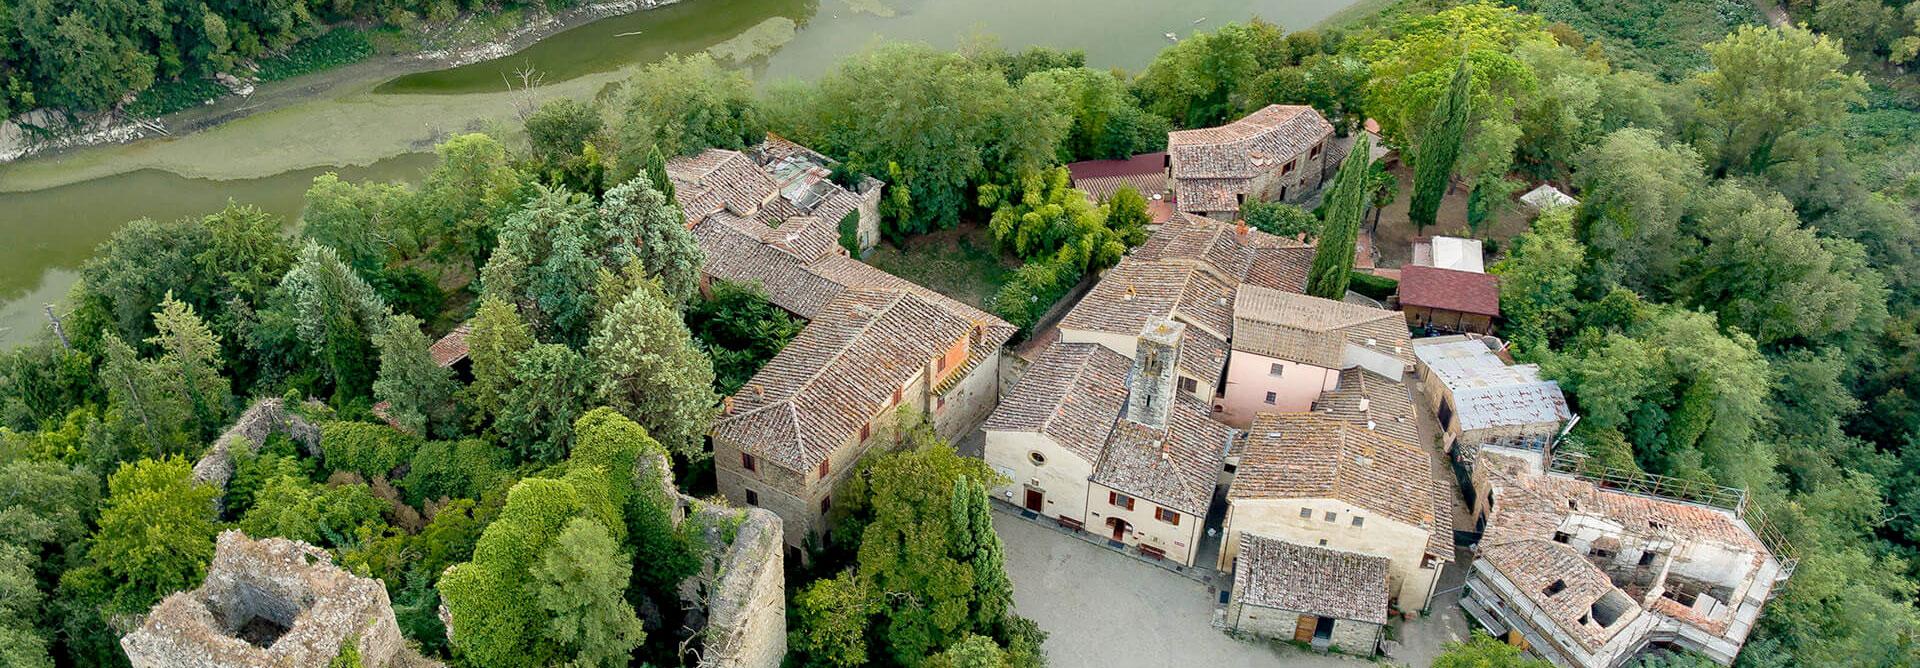 La Cittadella del terzo millennio